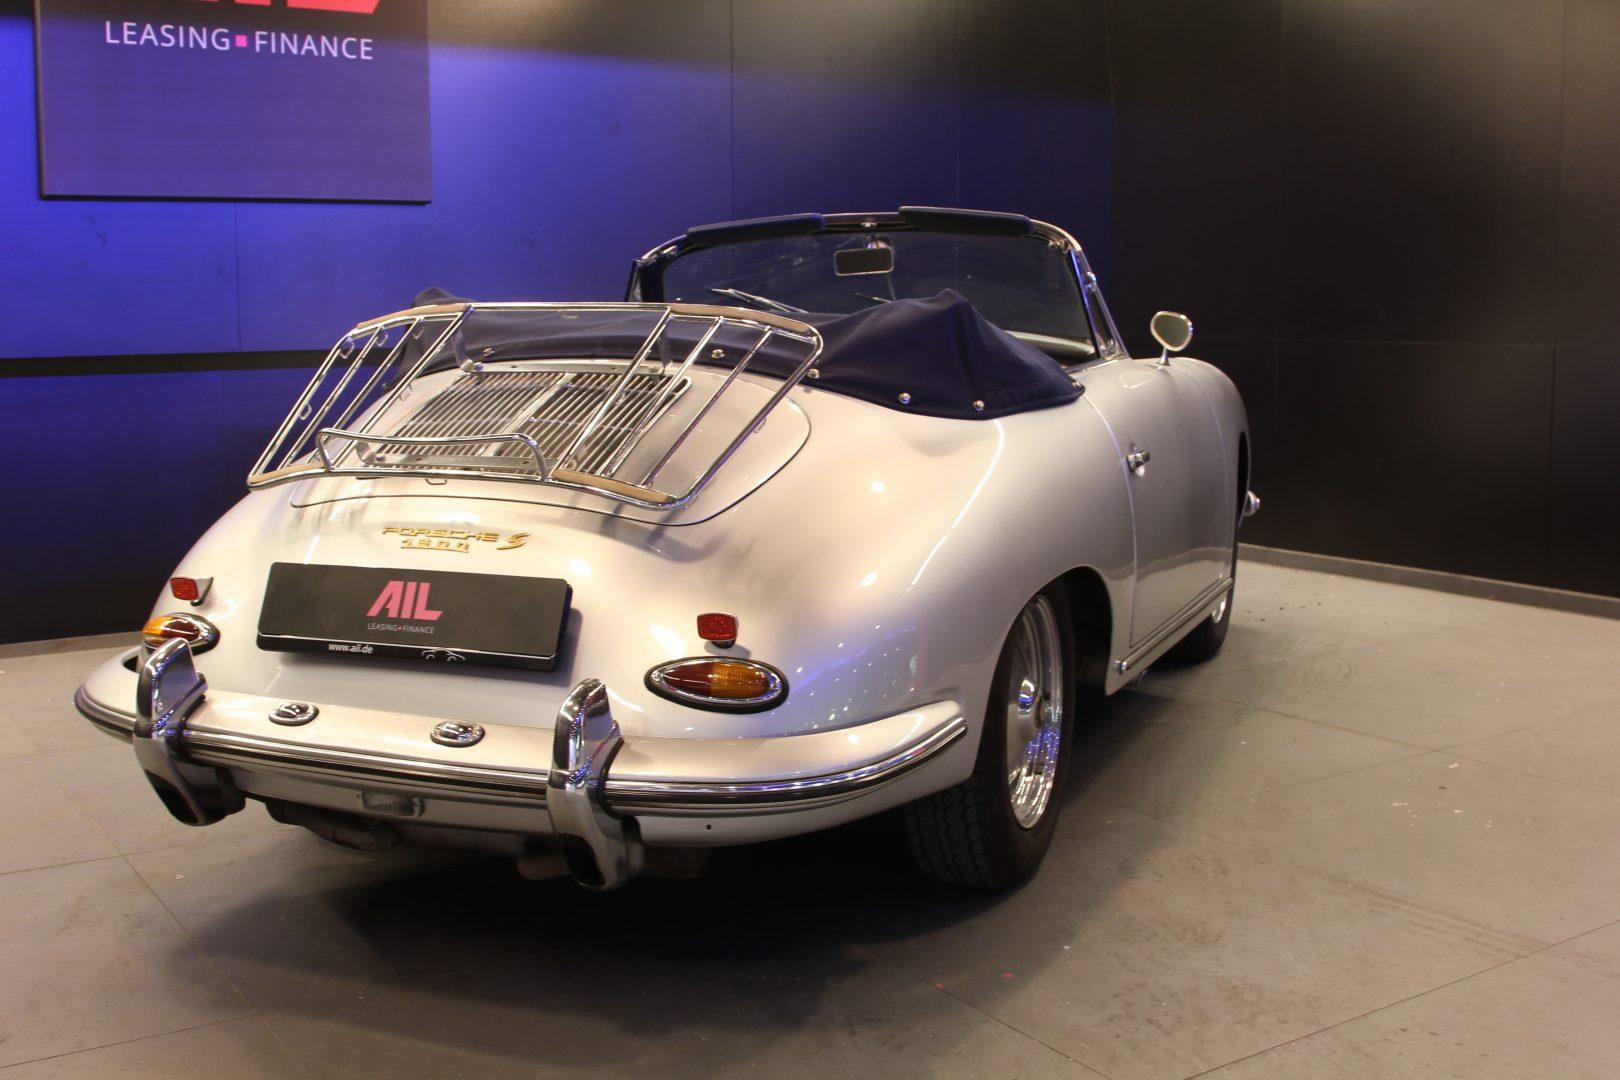 AIL Porsche 356 B 1600 Super 6